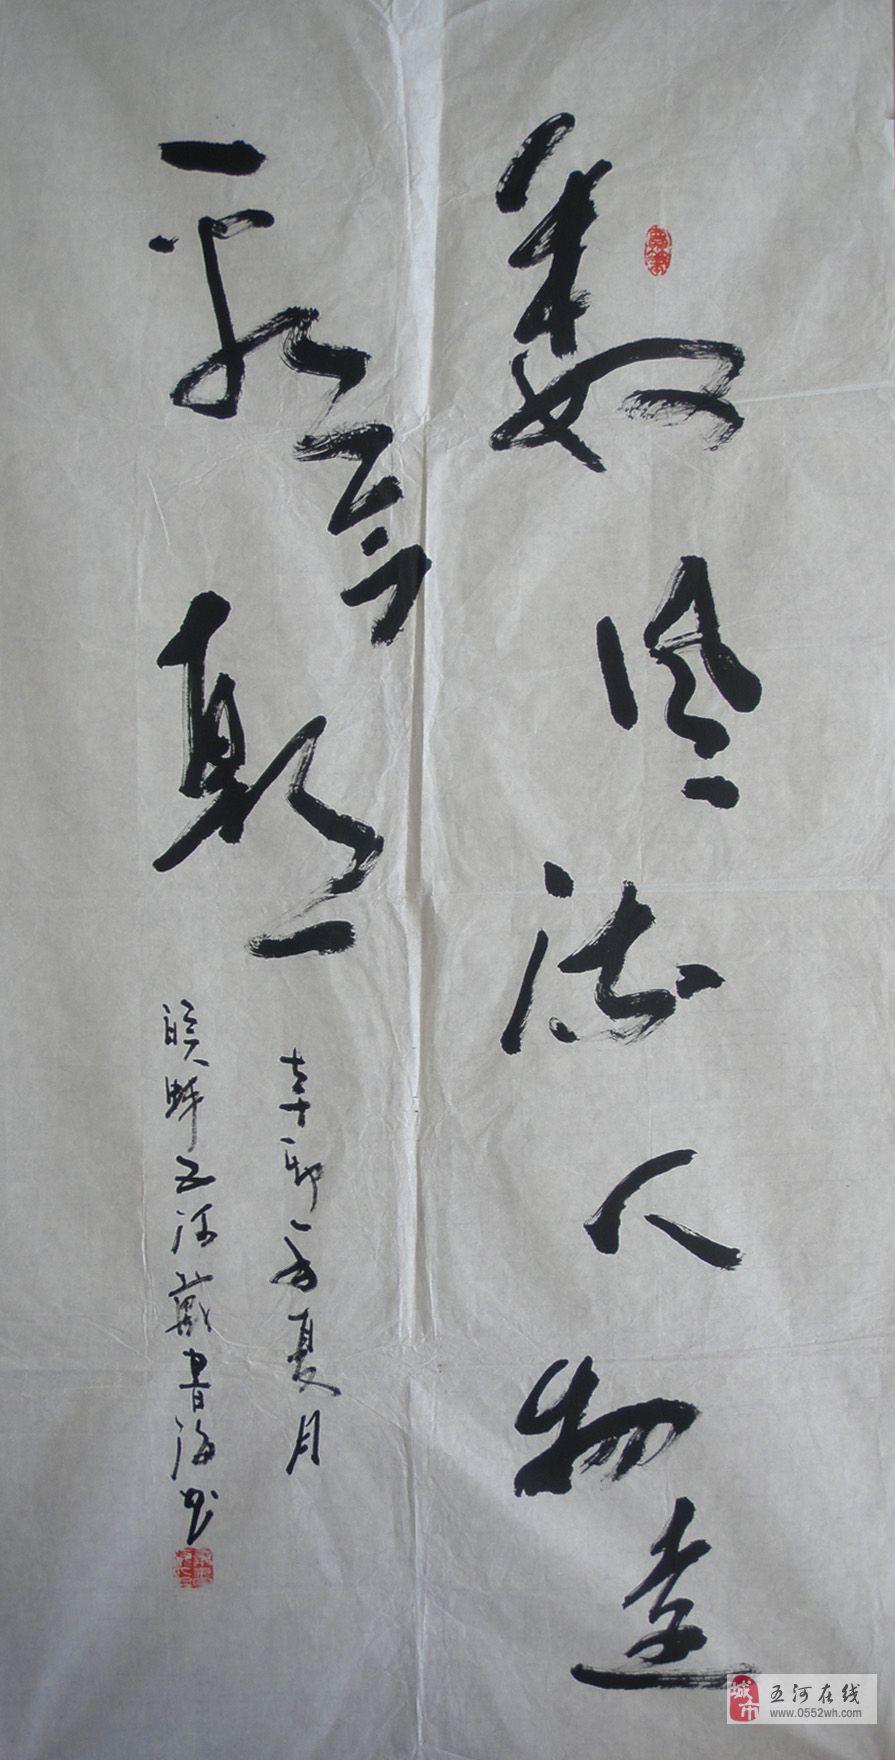 [原创]中国当代知名实力派书法家戴书海老师最新力作